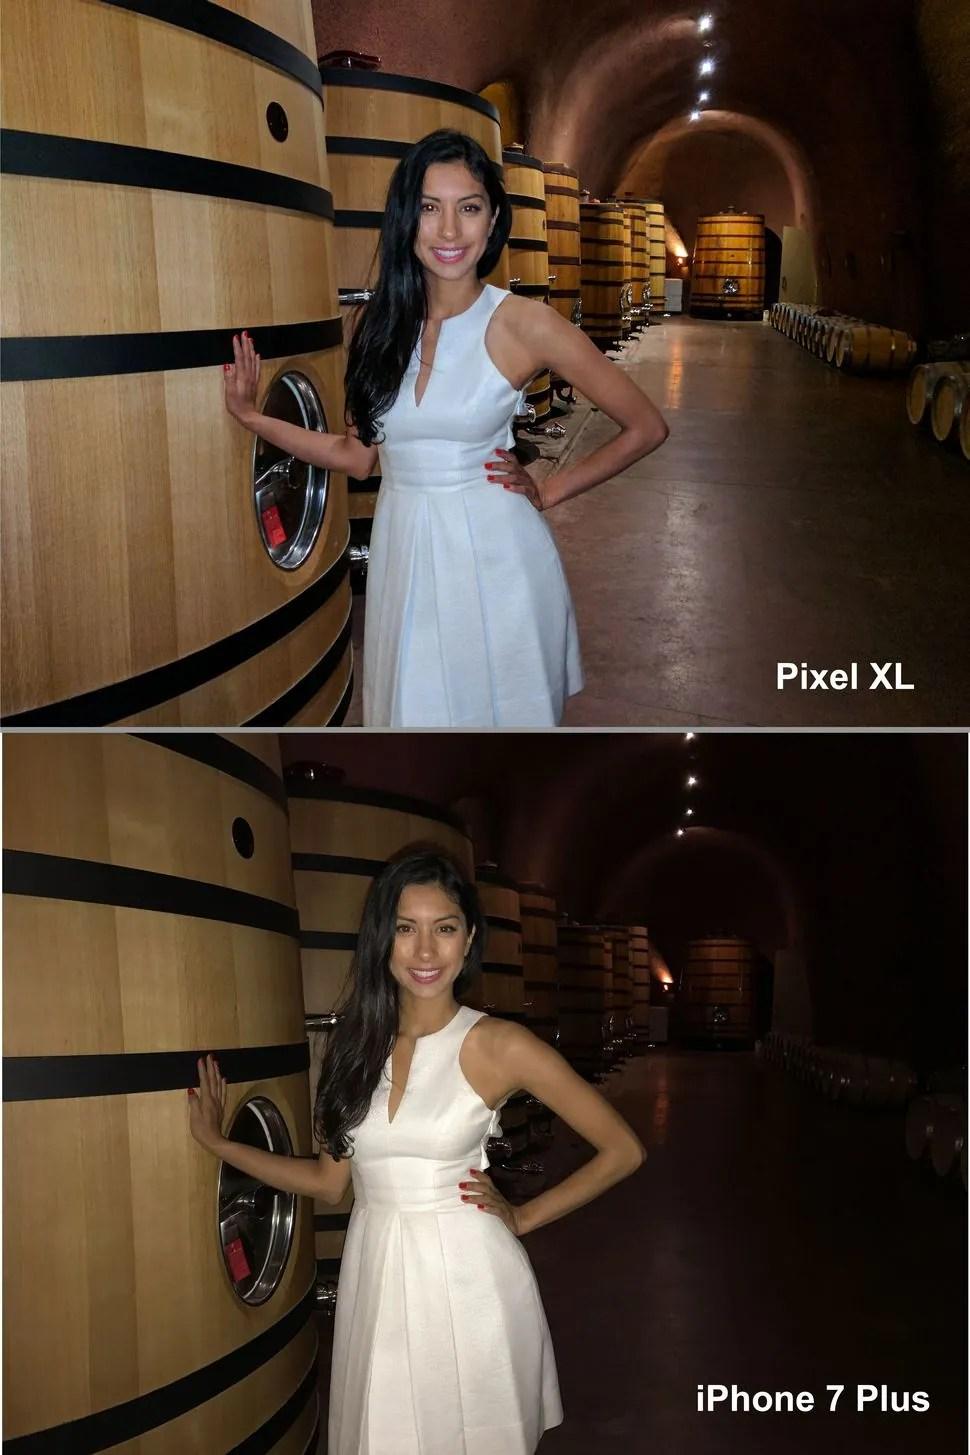 iphne-7-vs-pixel-xl-camera-flash